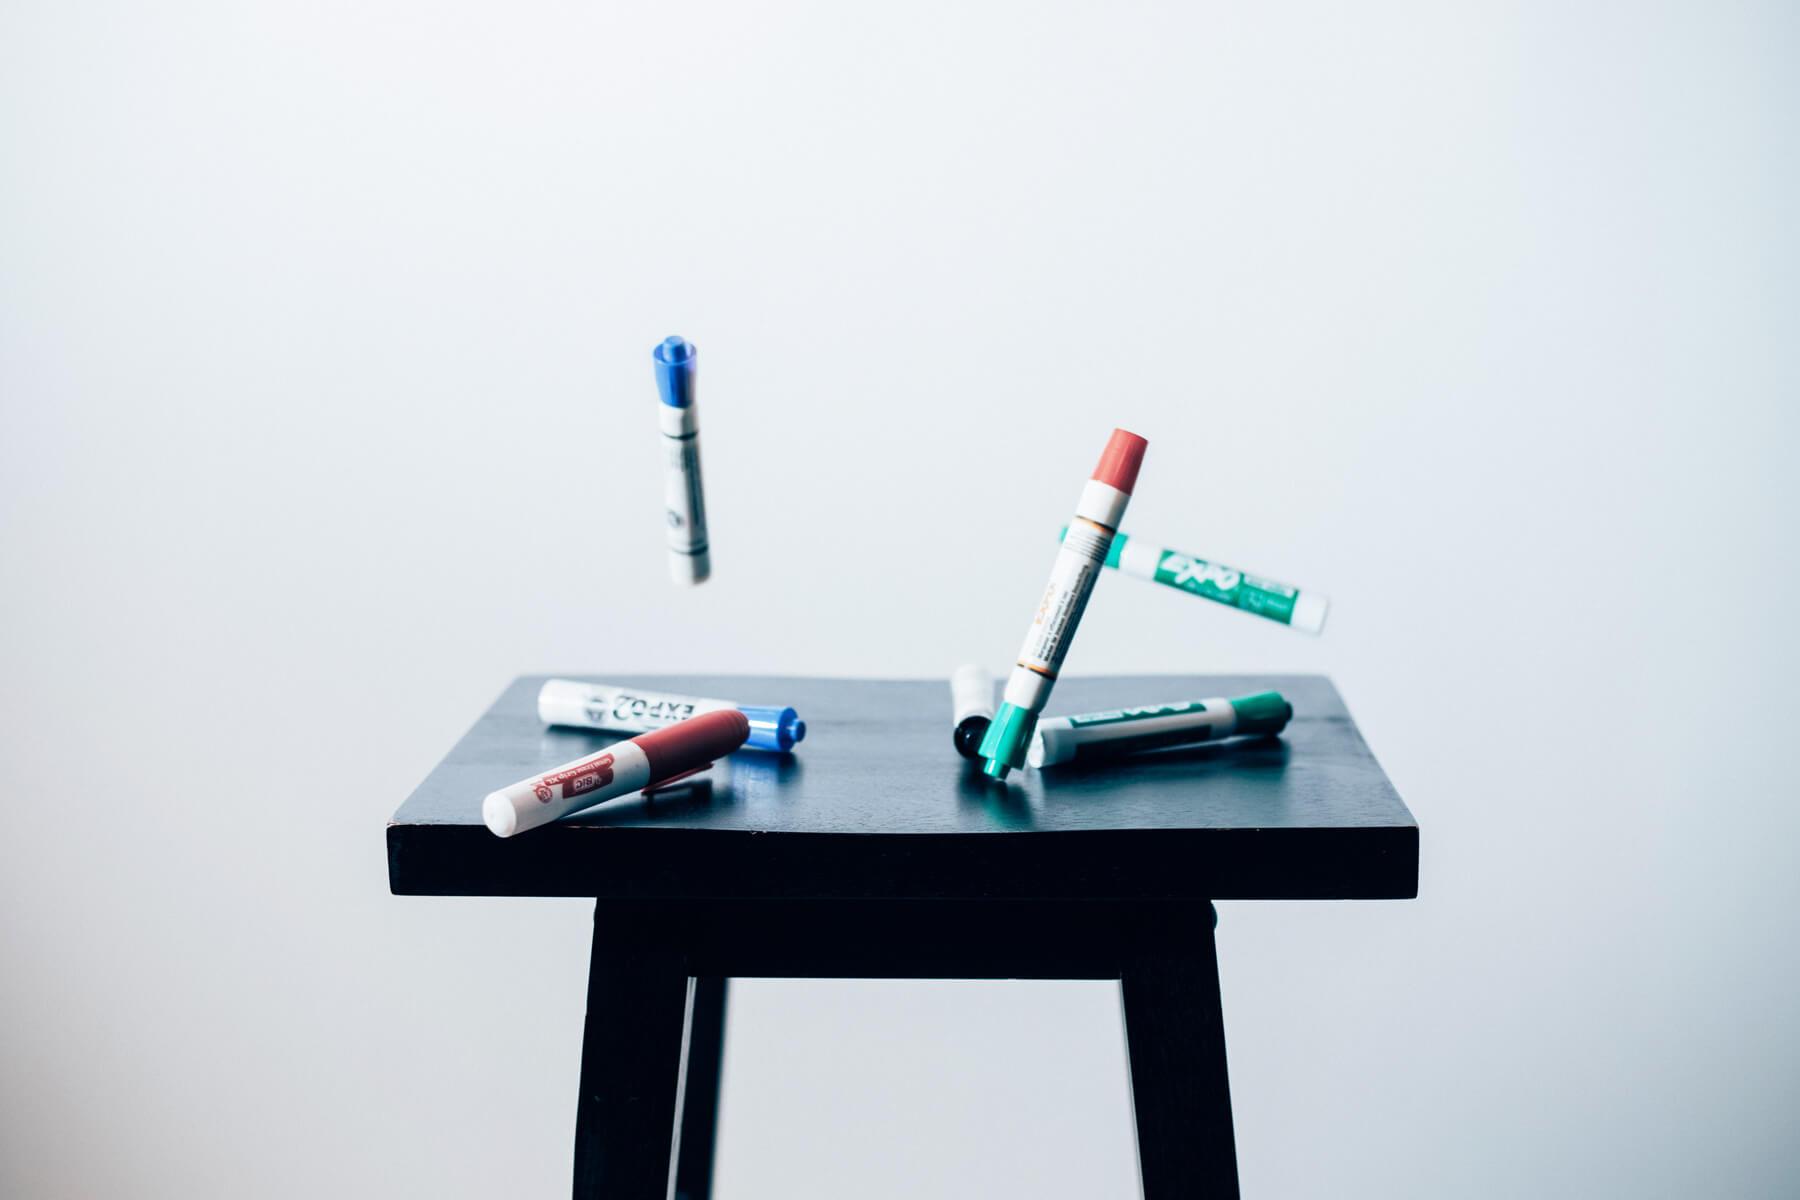 筆記具でお馴染み「マーカー」の概要と歴史を探ってみた